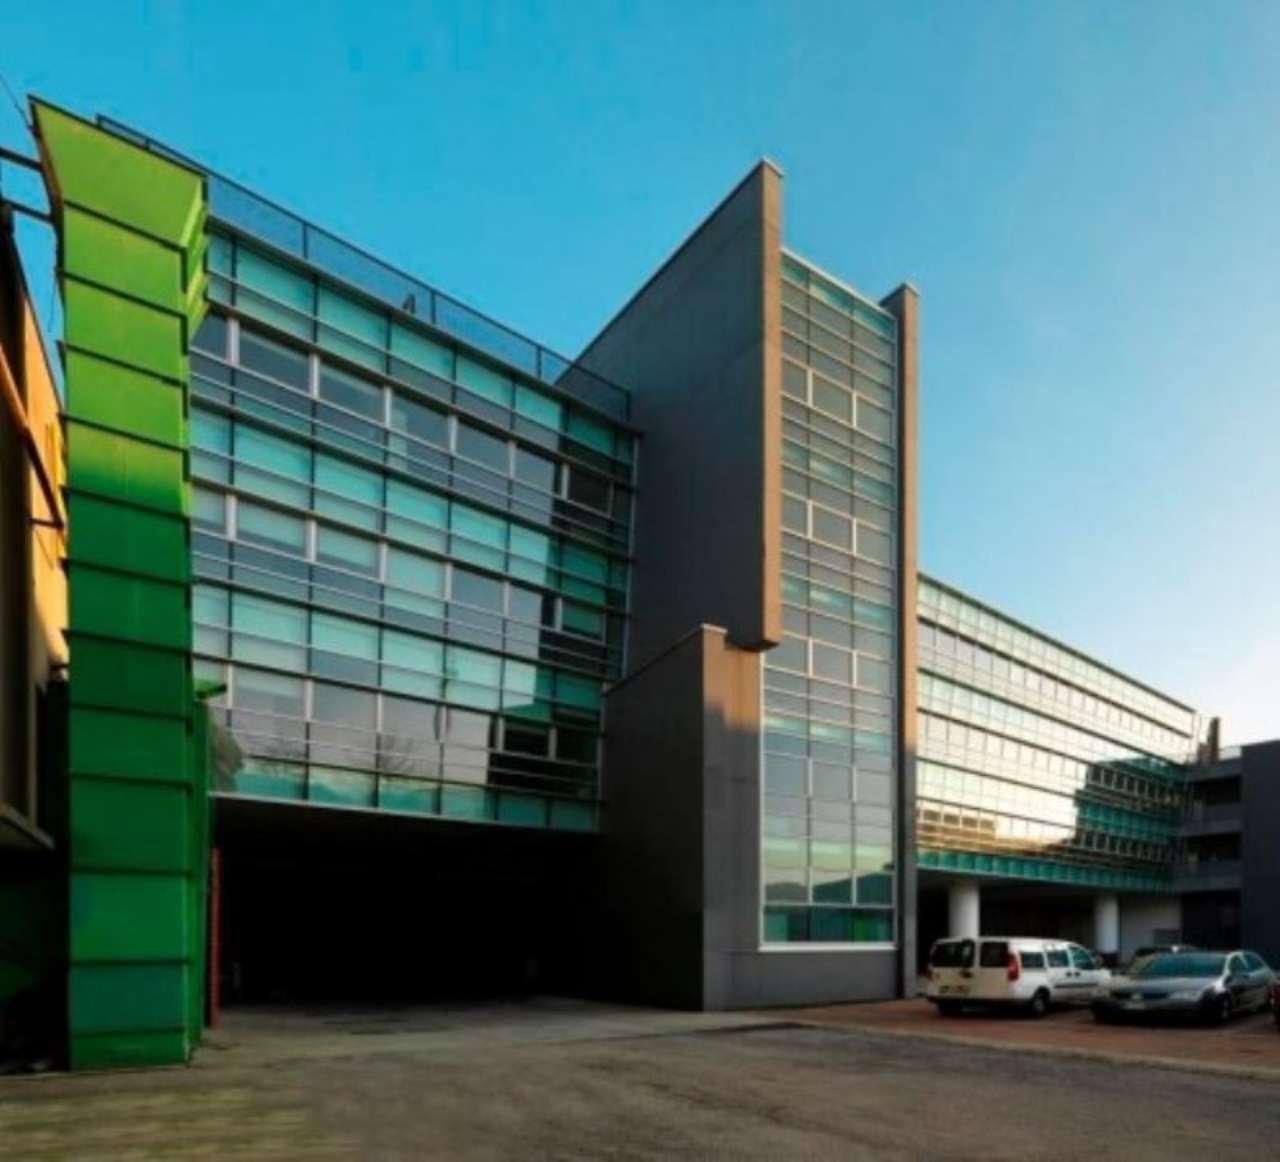 Ufficio / Studio in vendita a Schio, 6 locali, prezzo € 1.600.000 | Cambio Casa.it